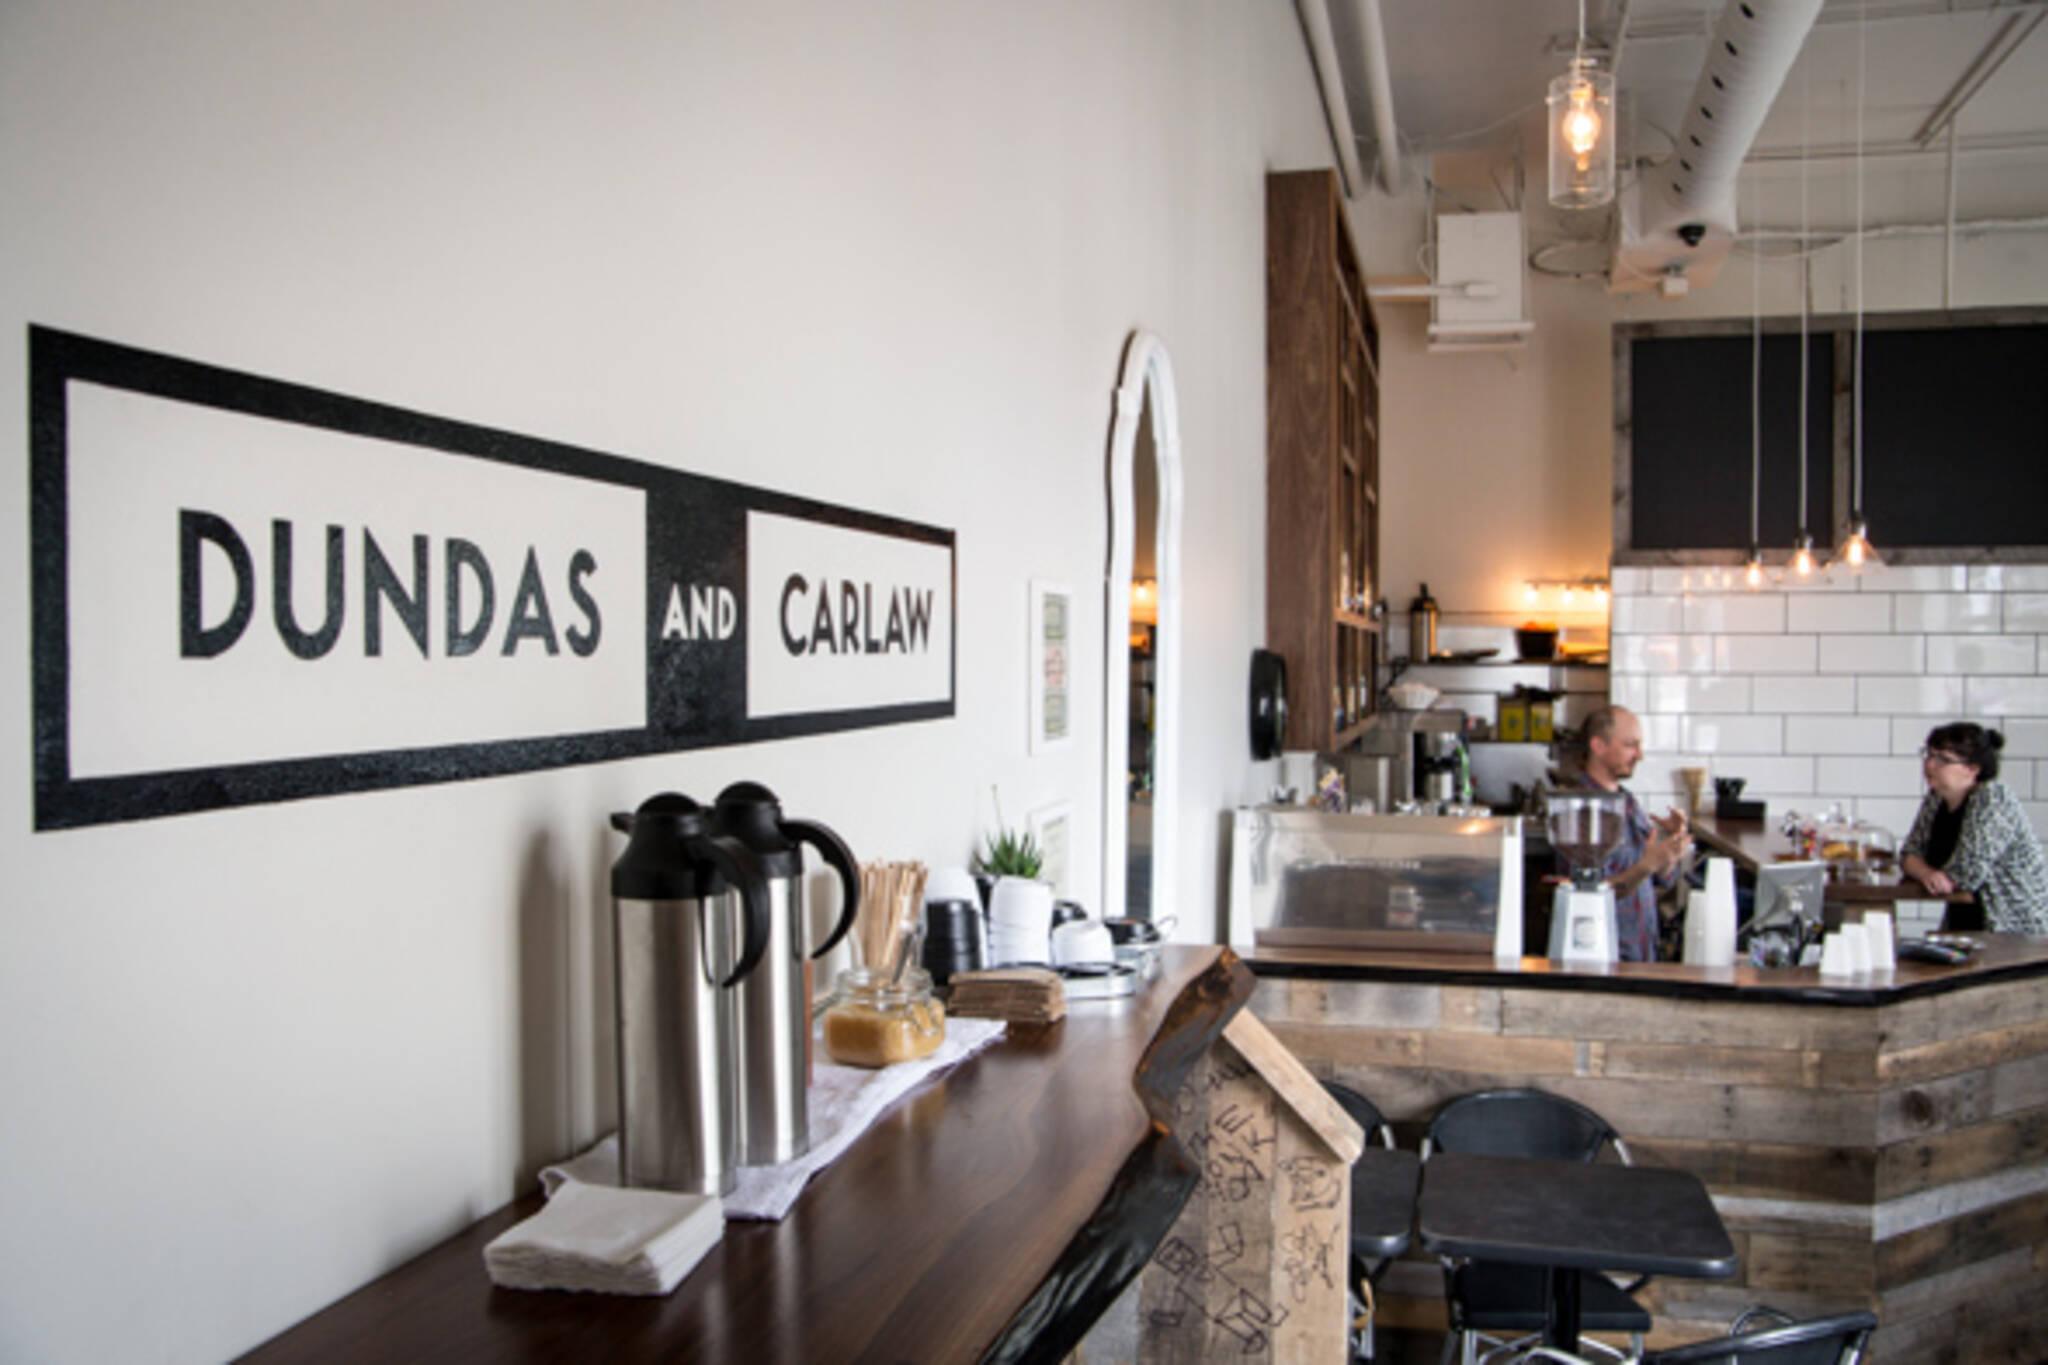 Dundas cafe bar